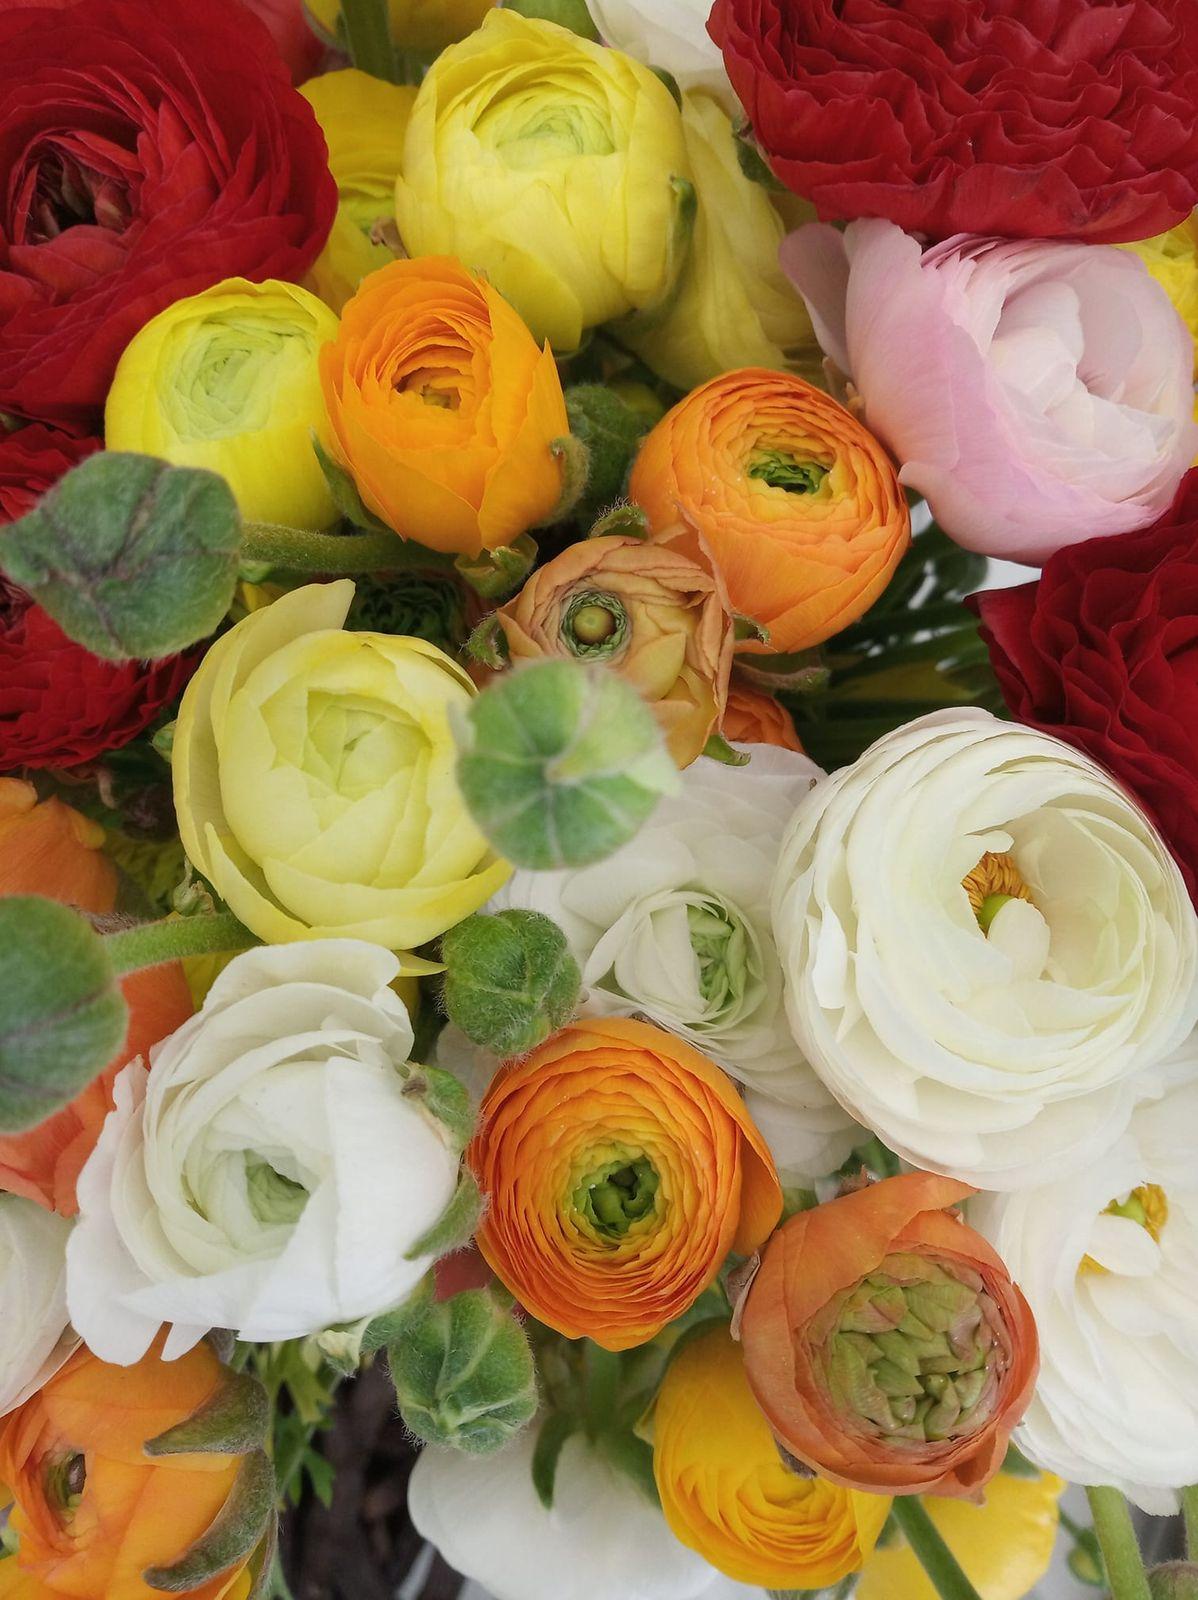 Καλημέρα, καλή εβδομάδα και καλή δύναμη σε όλους!  #psomotirifarbetterfood #colours #flowers #healthylife #healthyfood #staystrong #stayhealthy #stayhome #μένουμεσπίτι